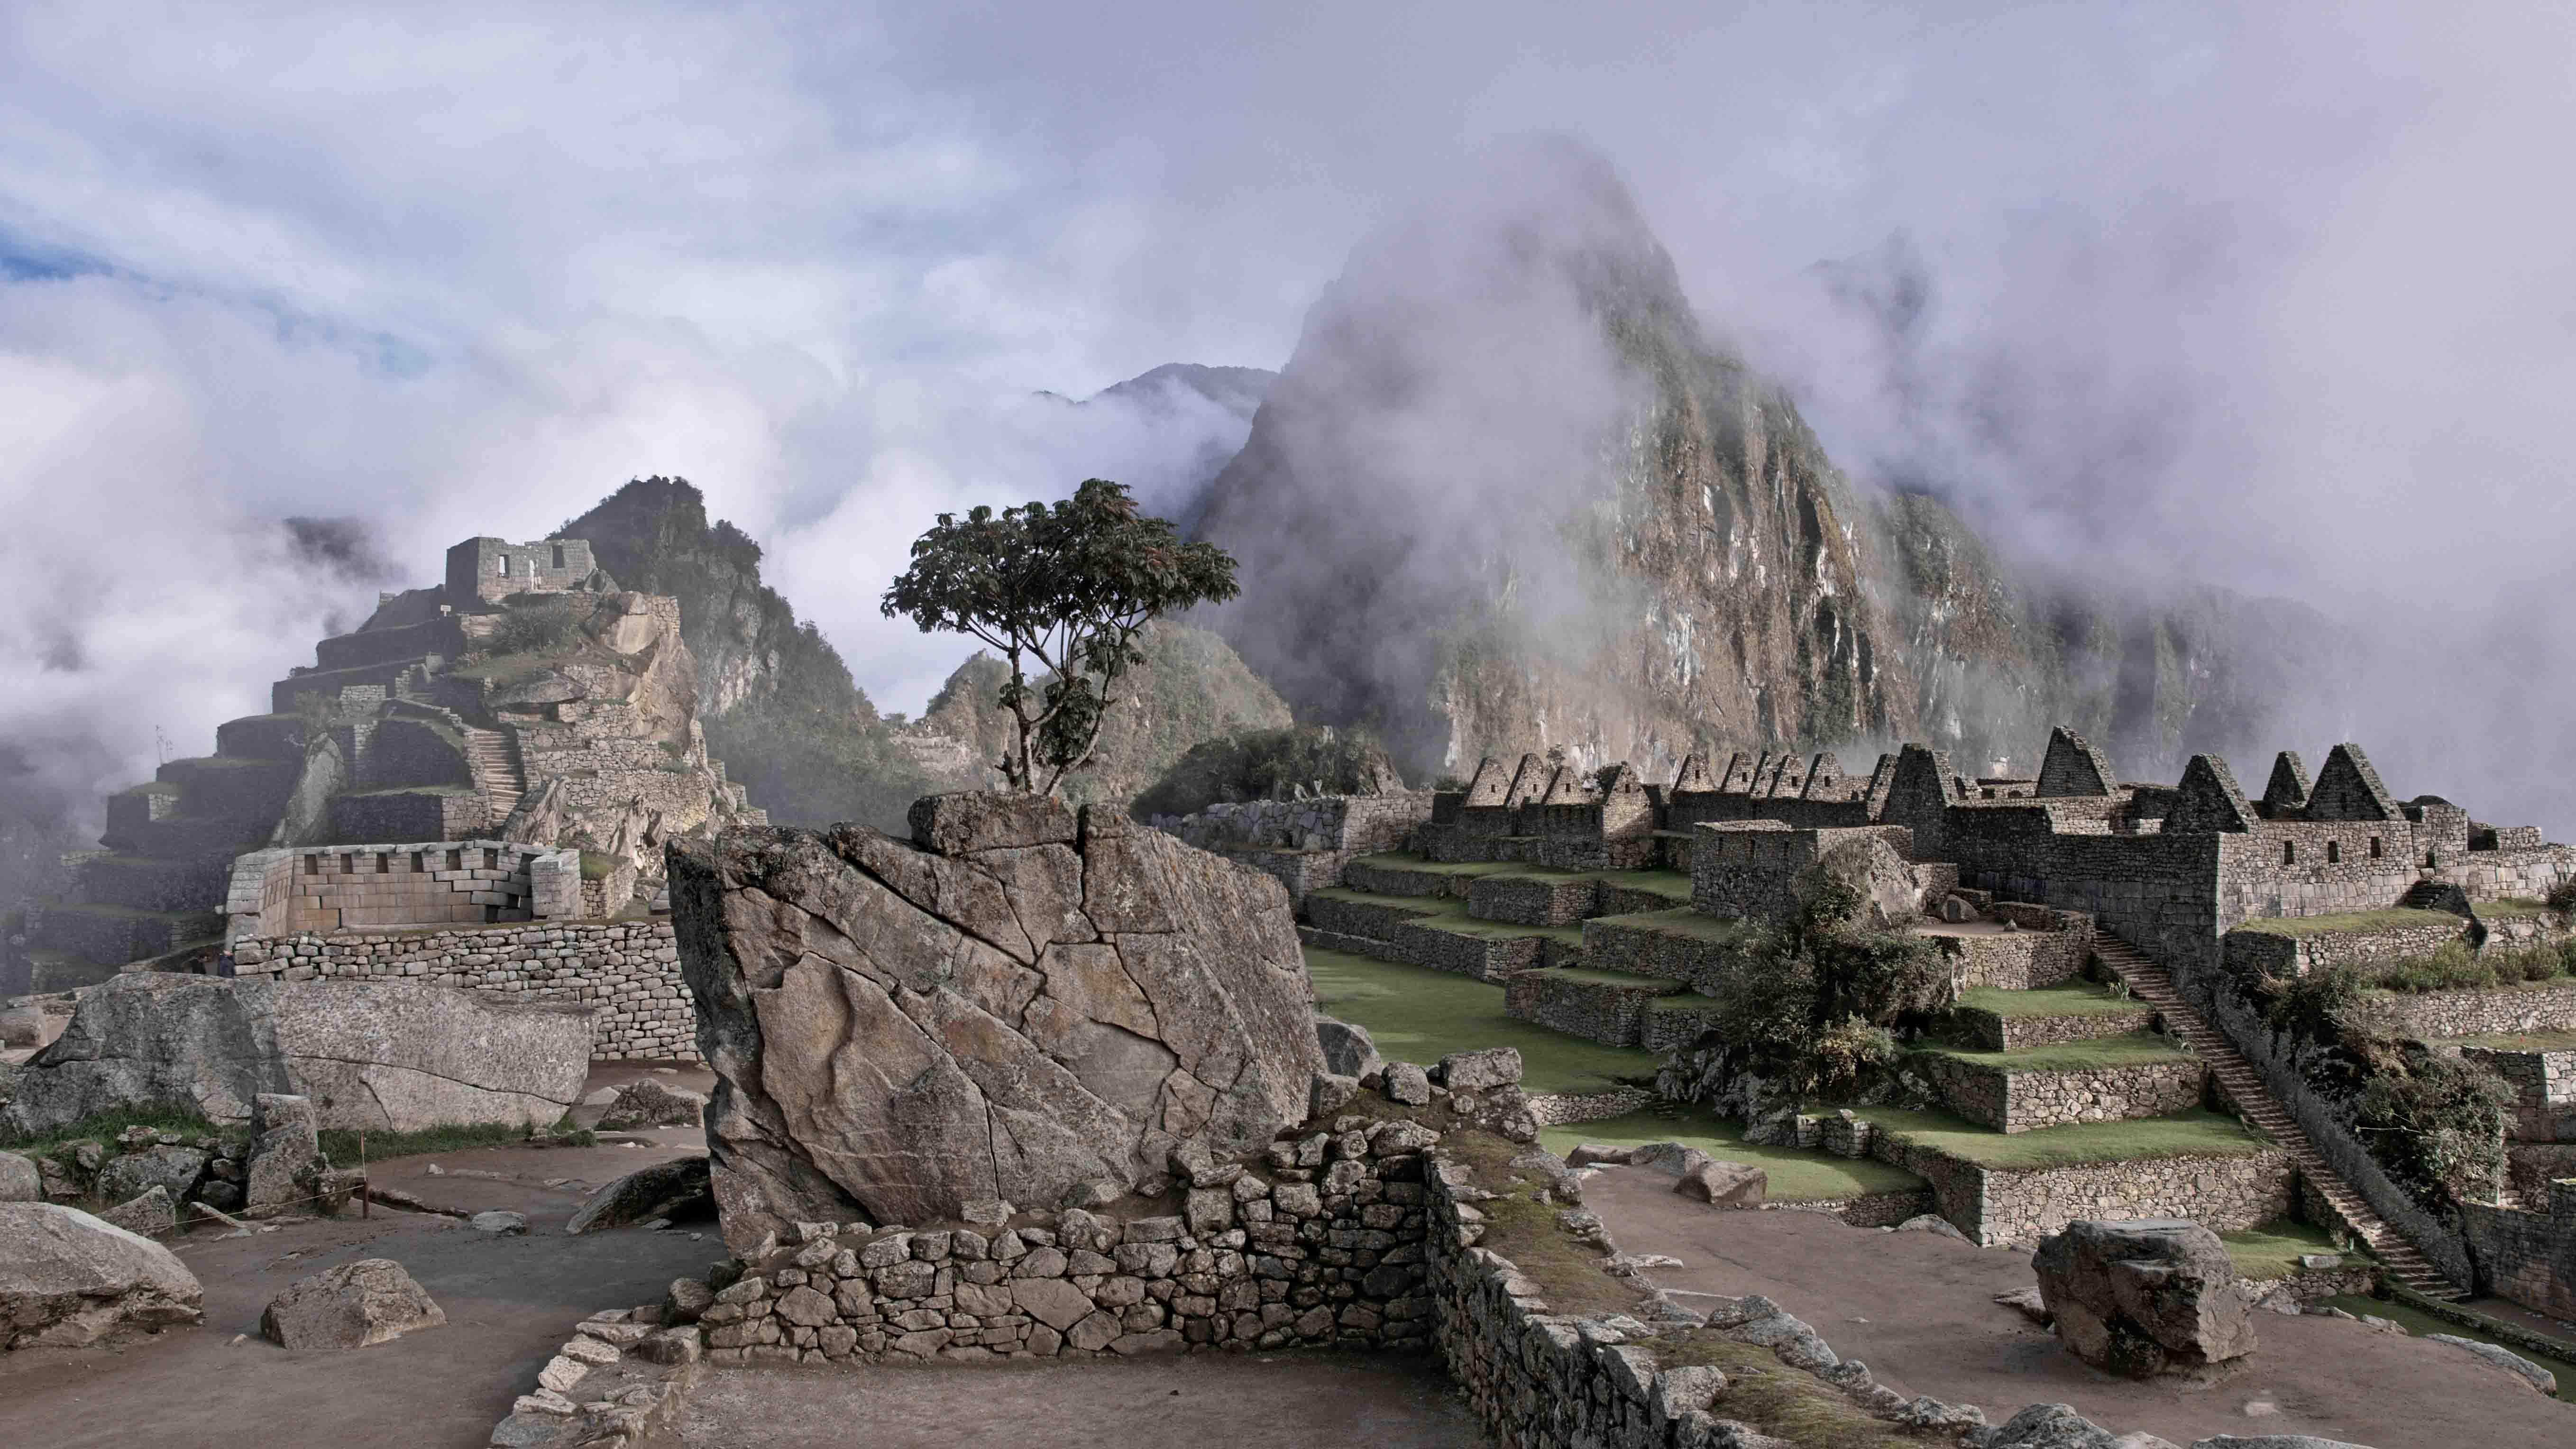 điểm đến Machu Picchu